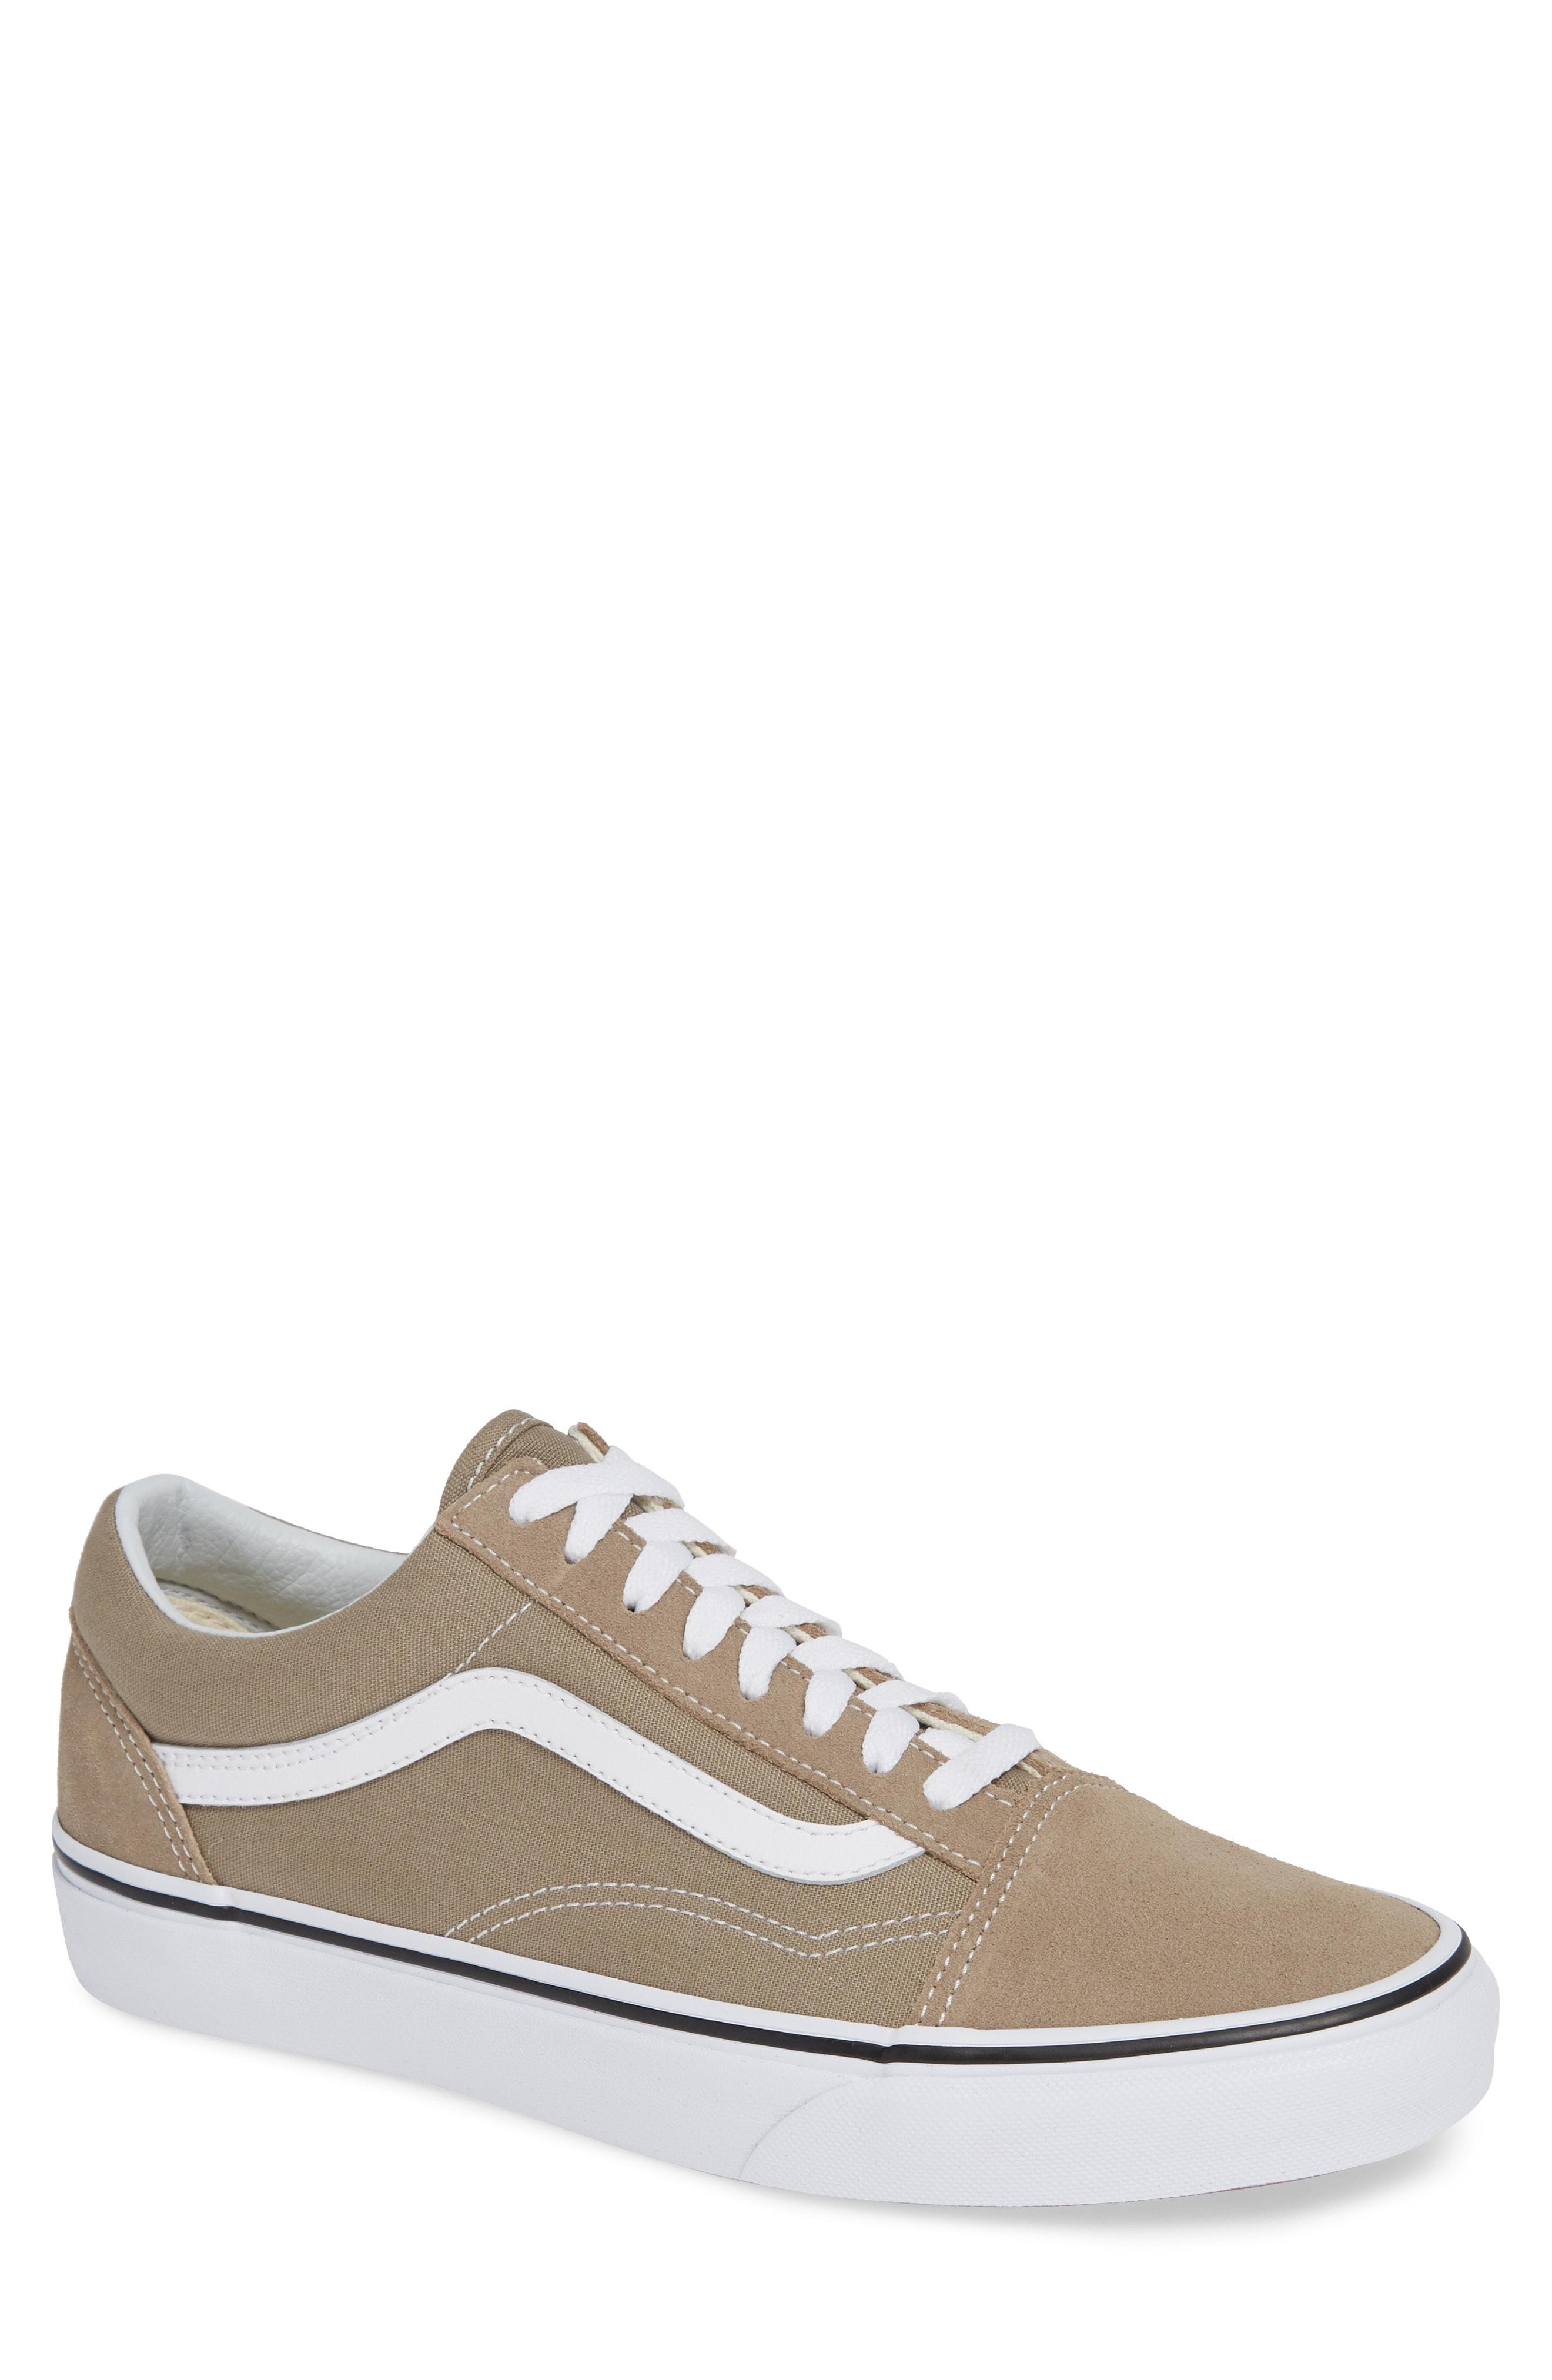 26814de076e844 Vans  Old Skool  Sneaker In Desert Taupe  White Canvas